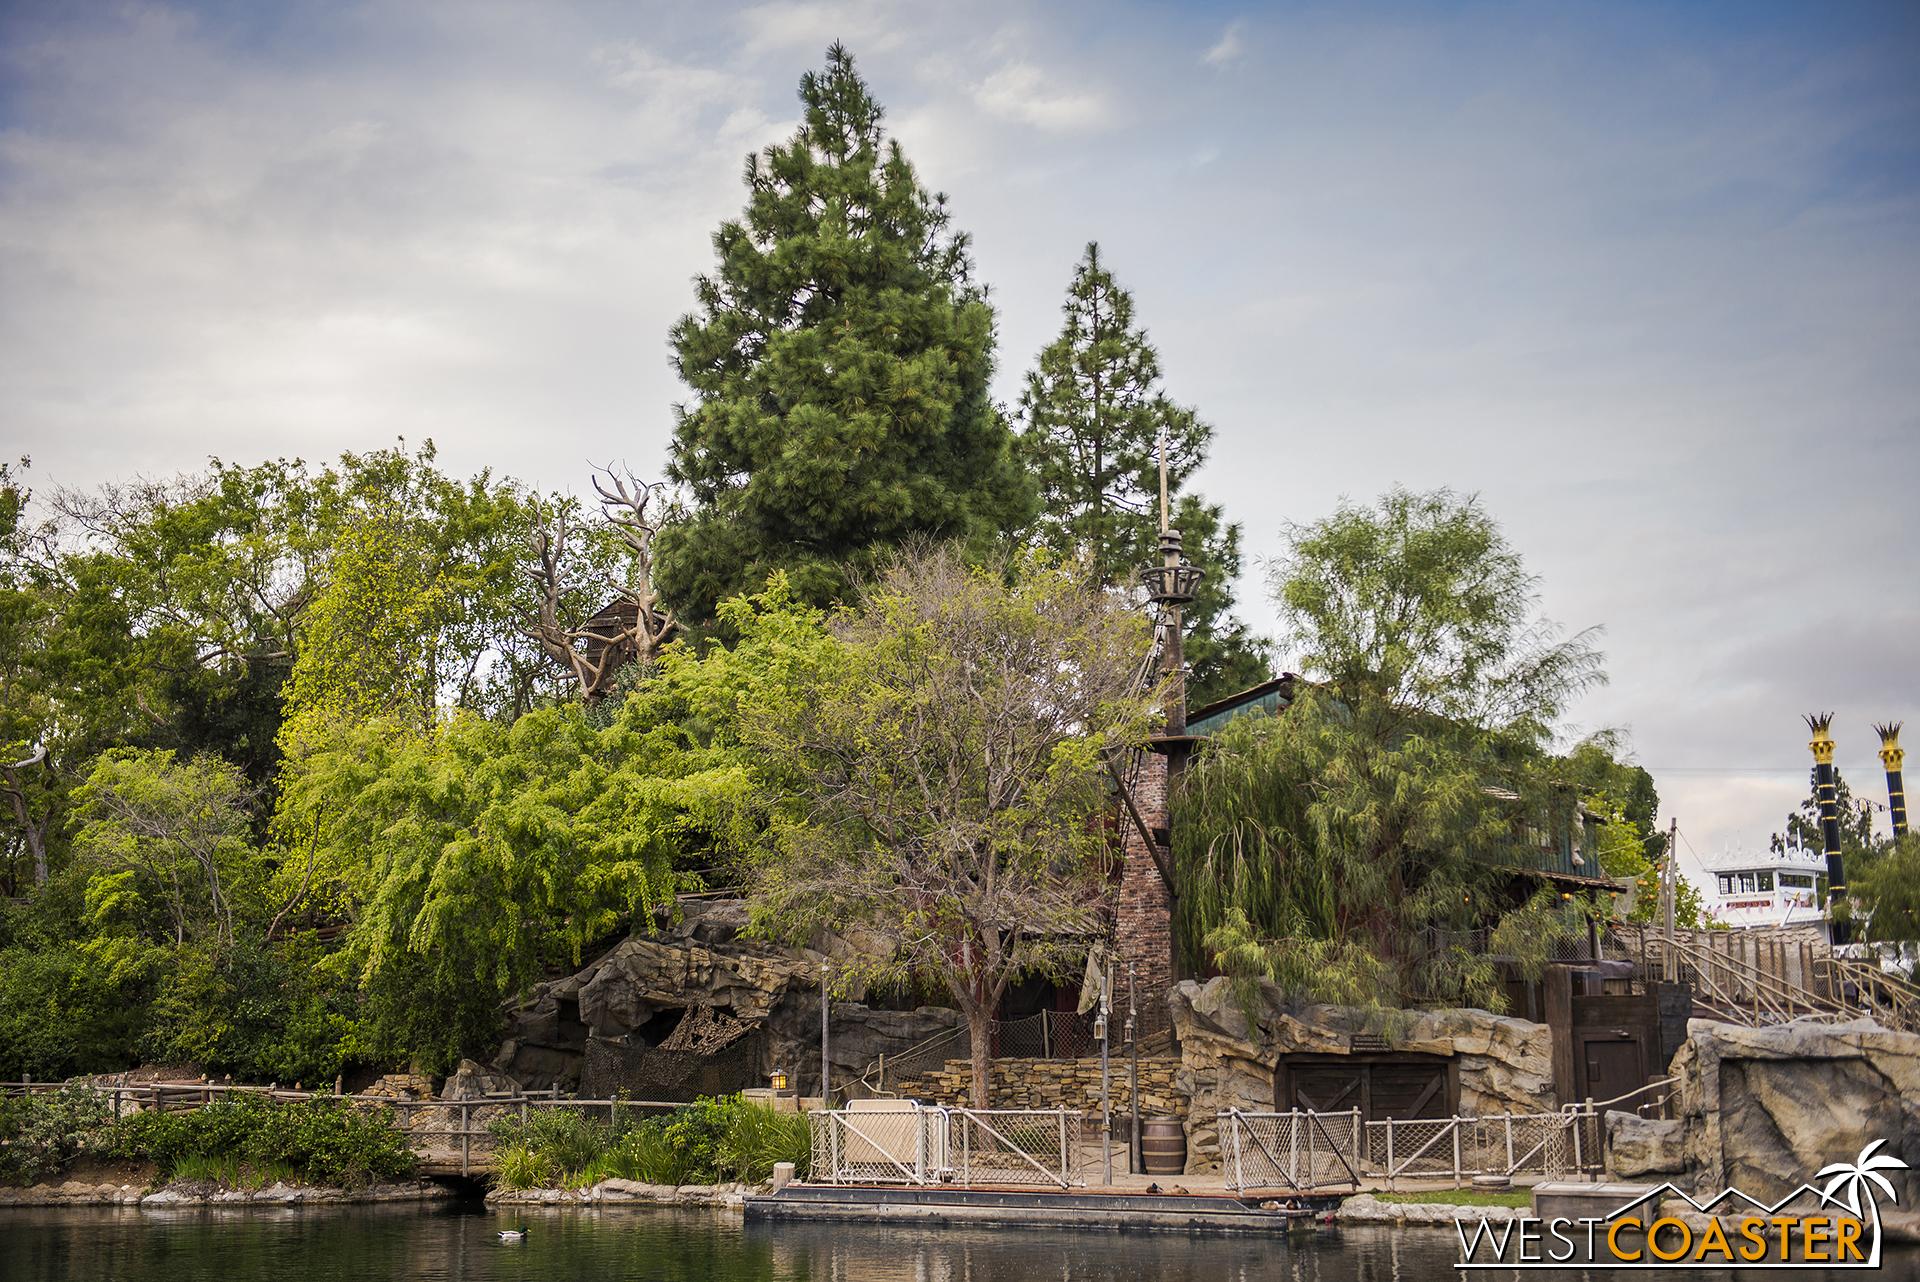 The side of Tom Sawyer's Island.